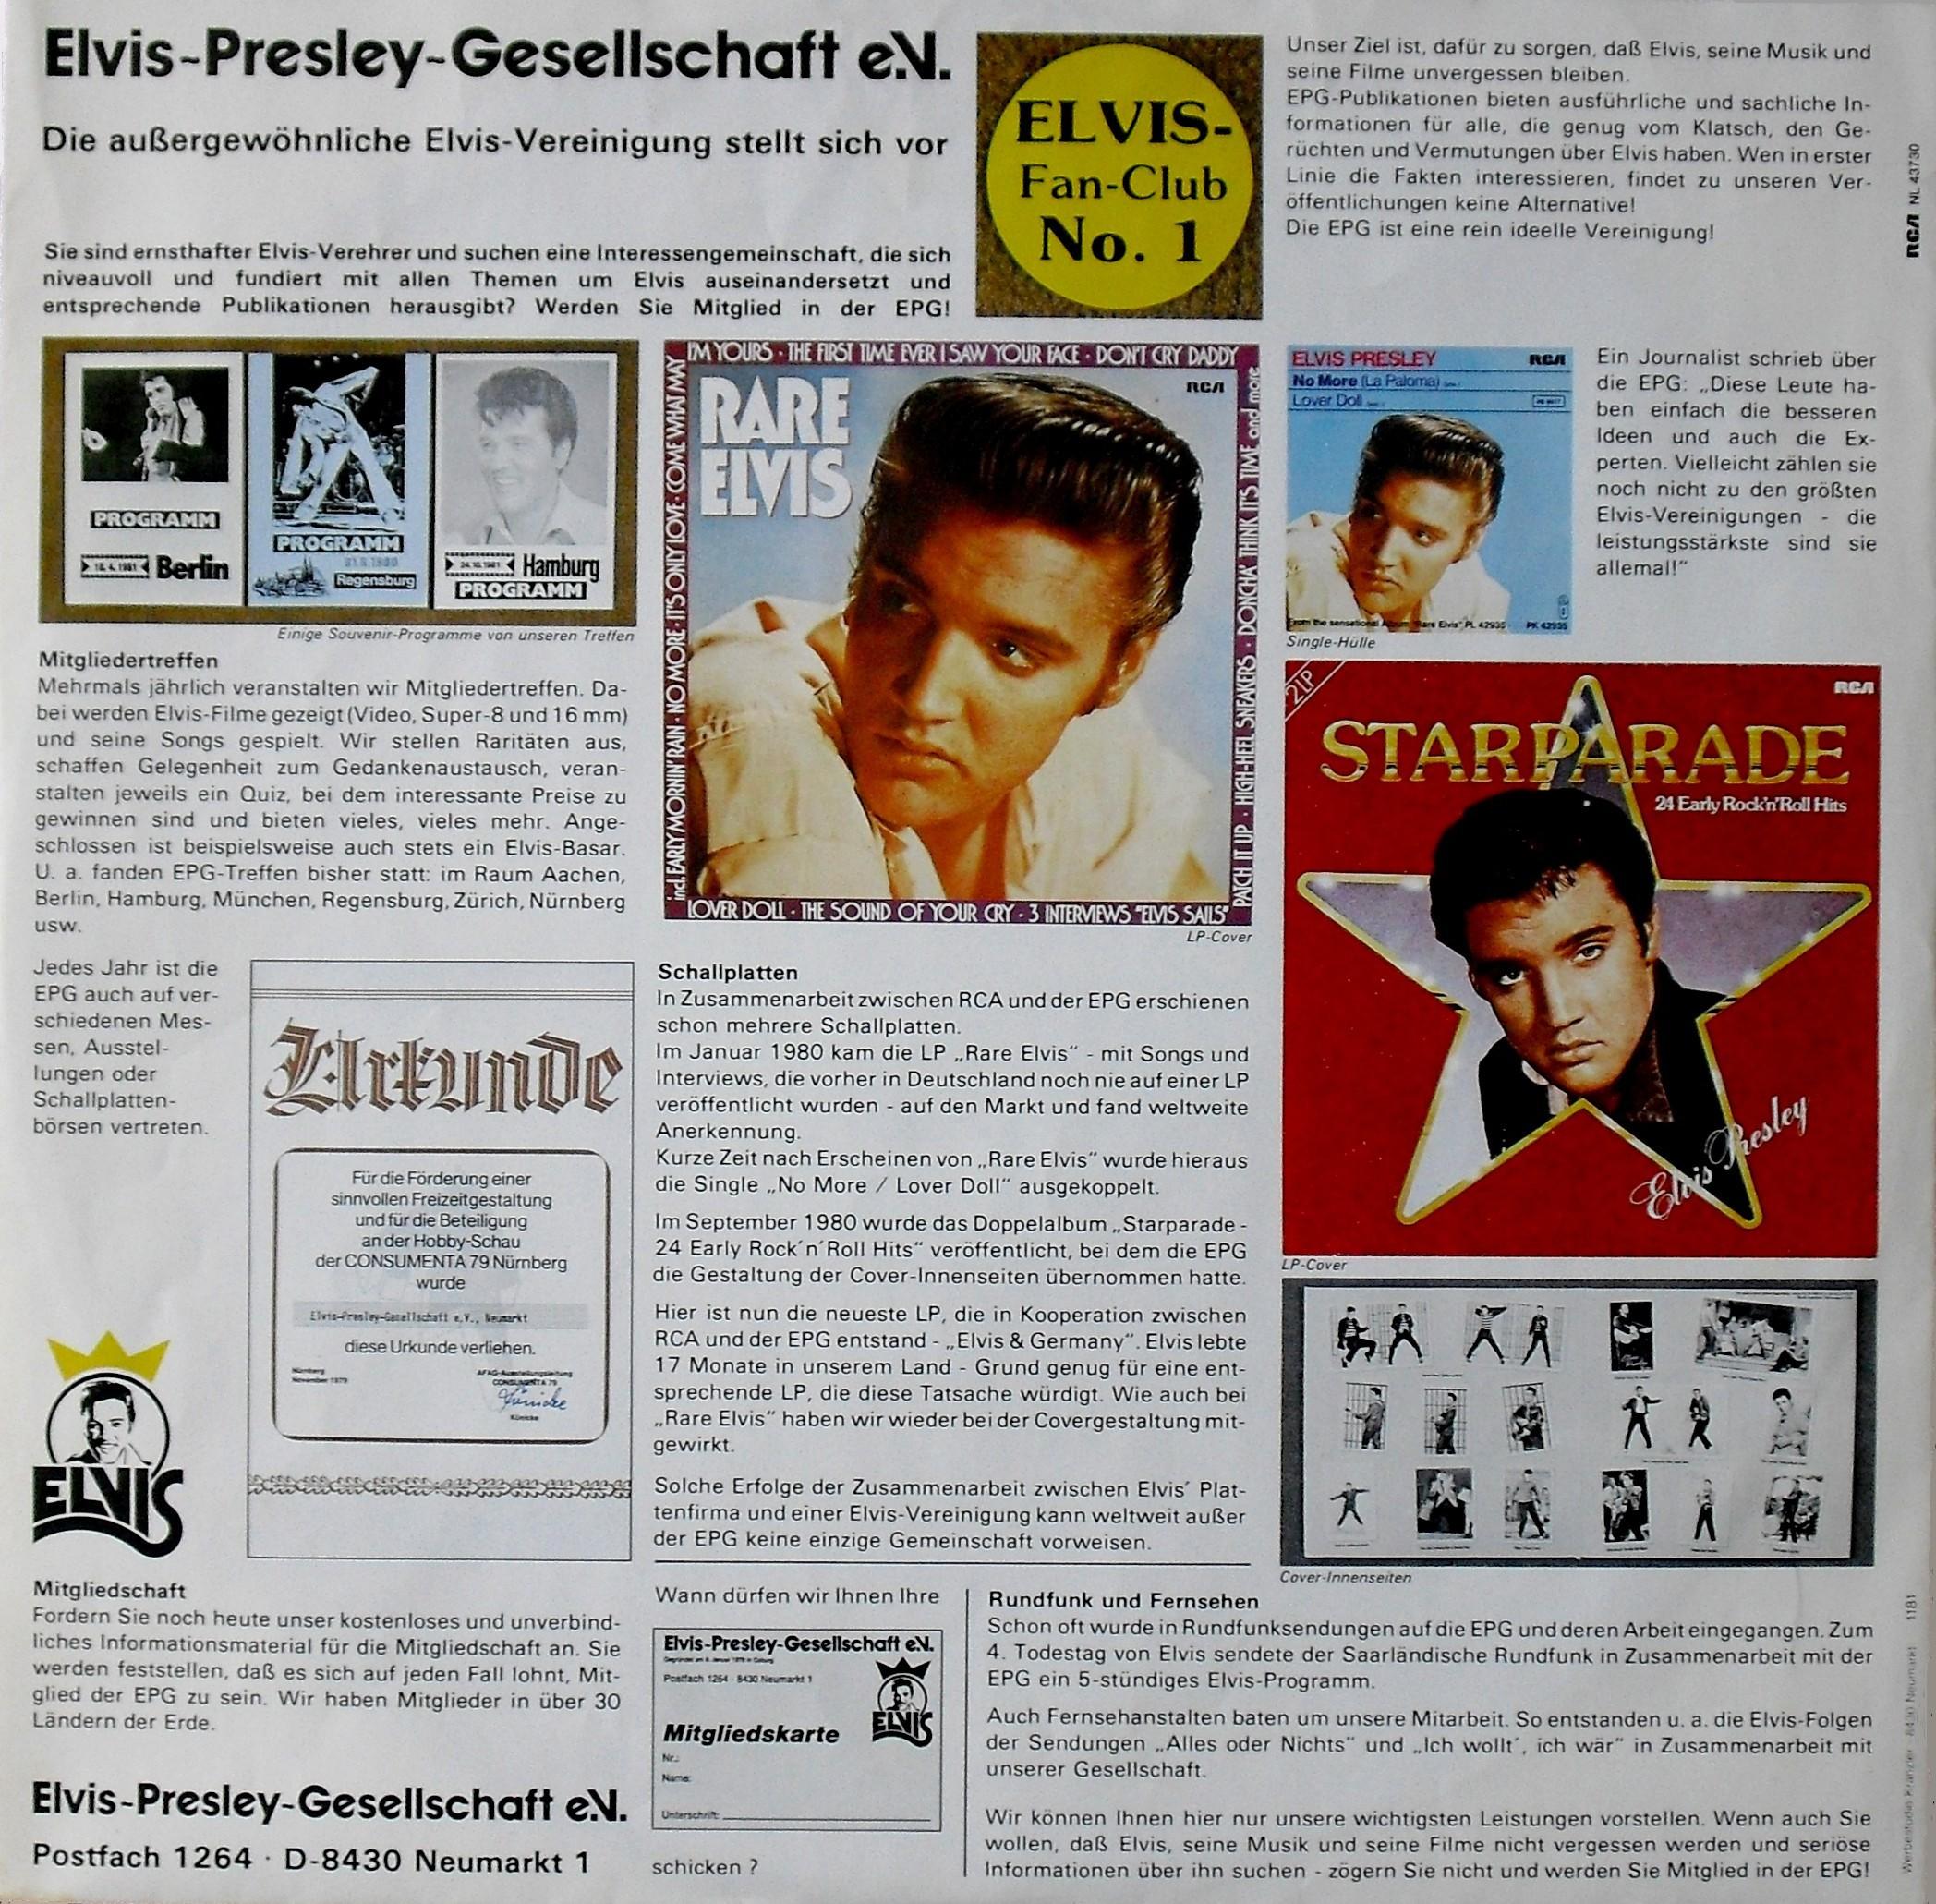 TAKEOFF - ELVIS IN GERMANY 01vs75pob